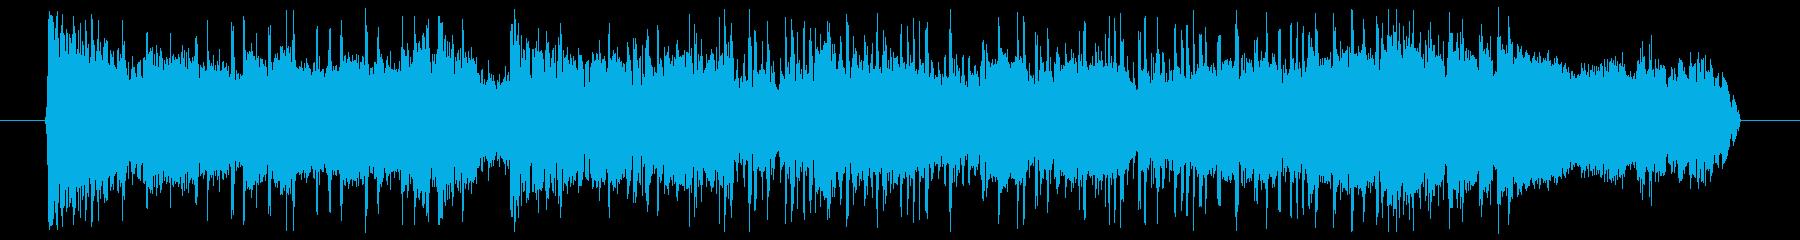 攻め攻めファンキーギターバンドサウンドの再生済みの波形